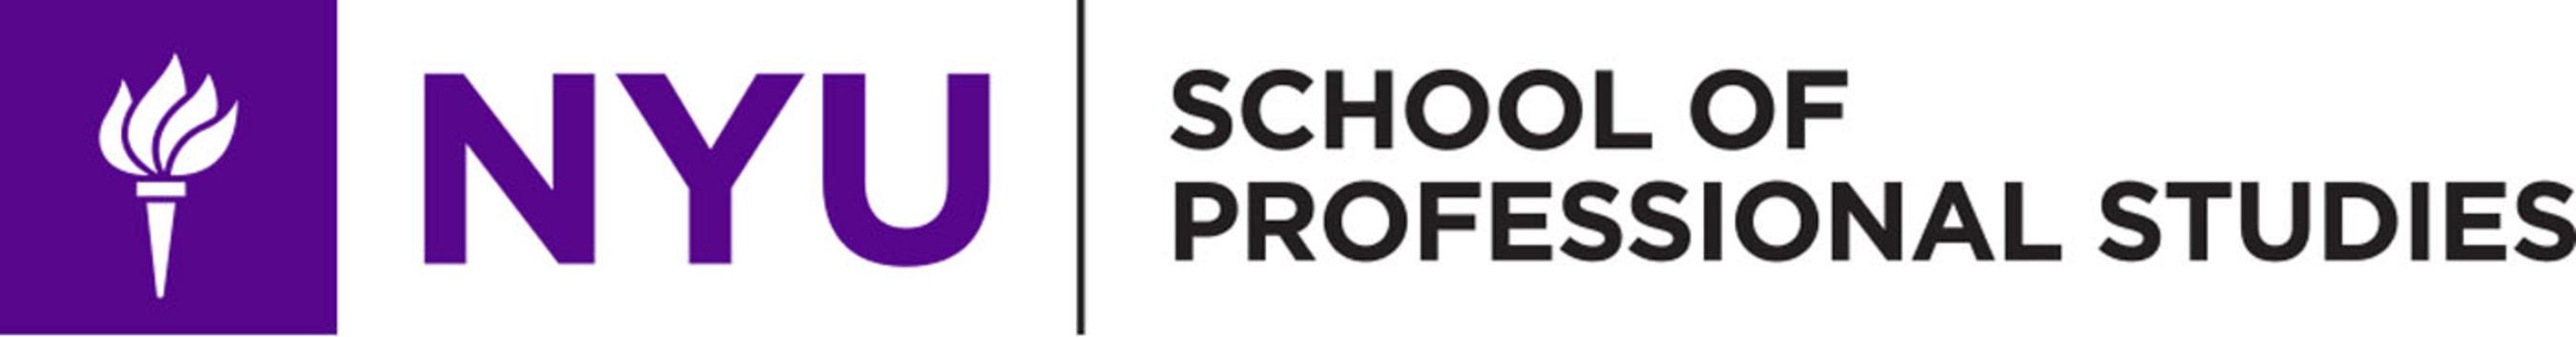 Nyu school of professional studies launches professional pathways nyu sps logo xflitez Choice Image